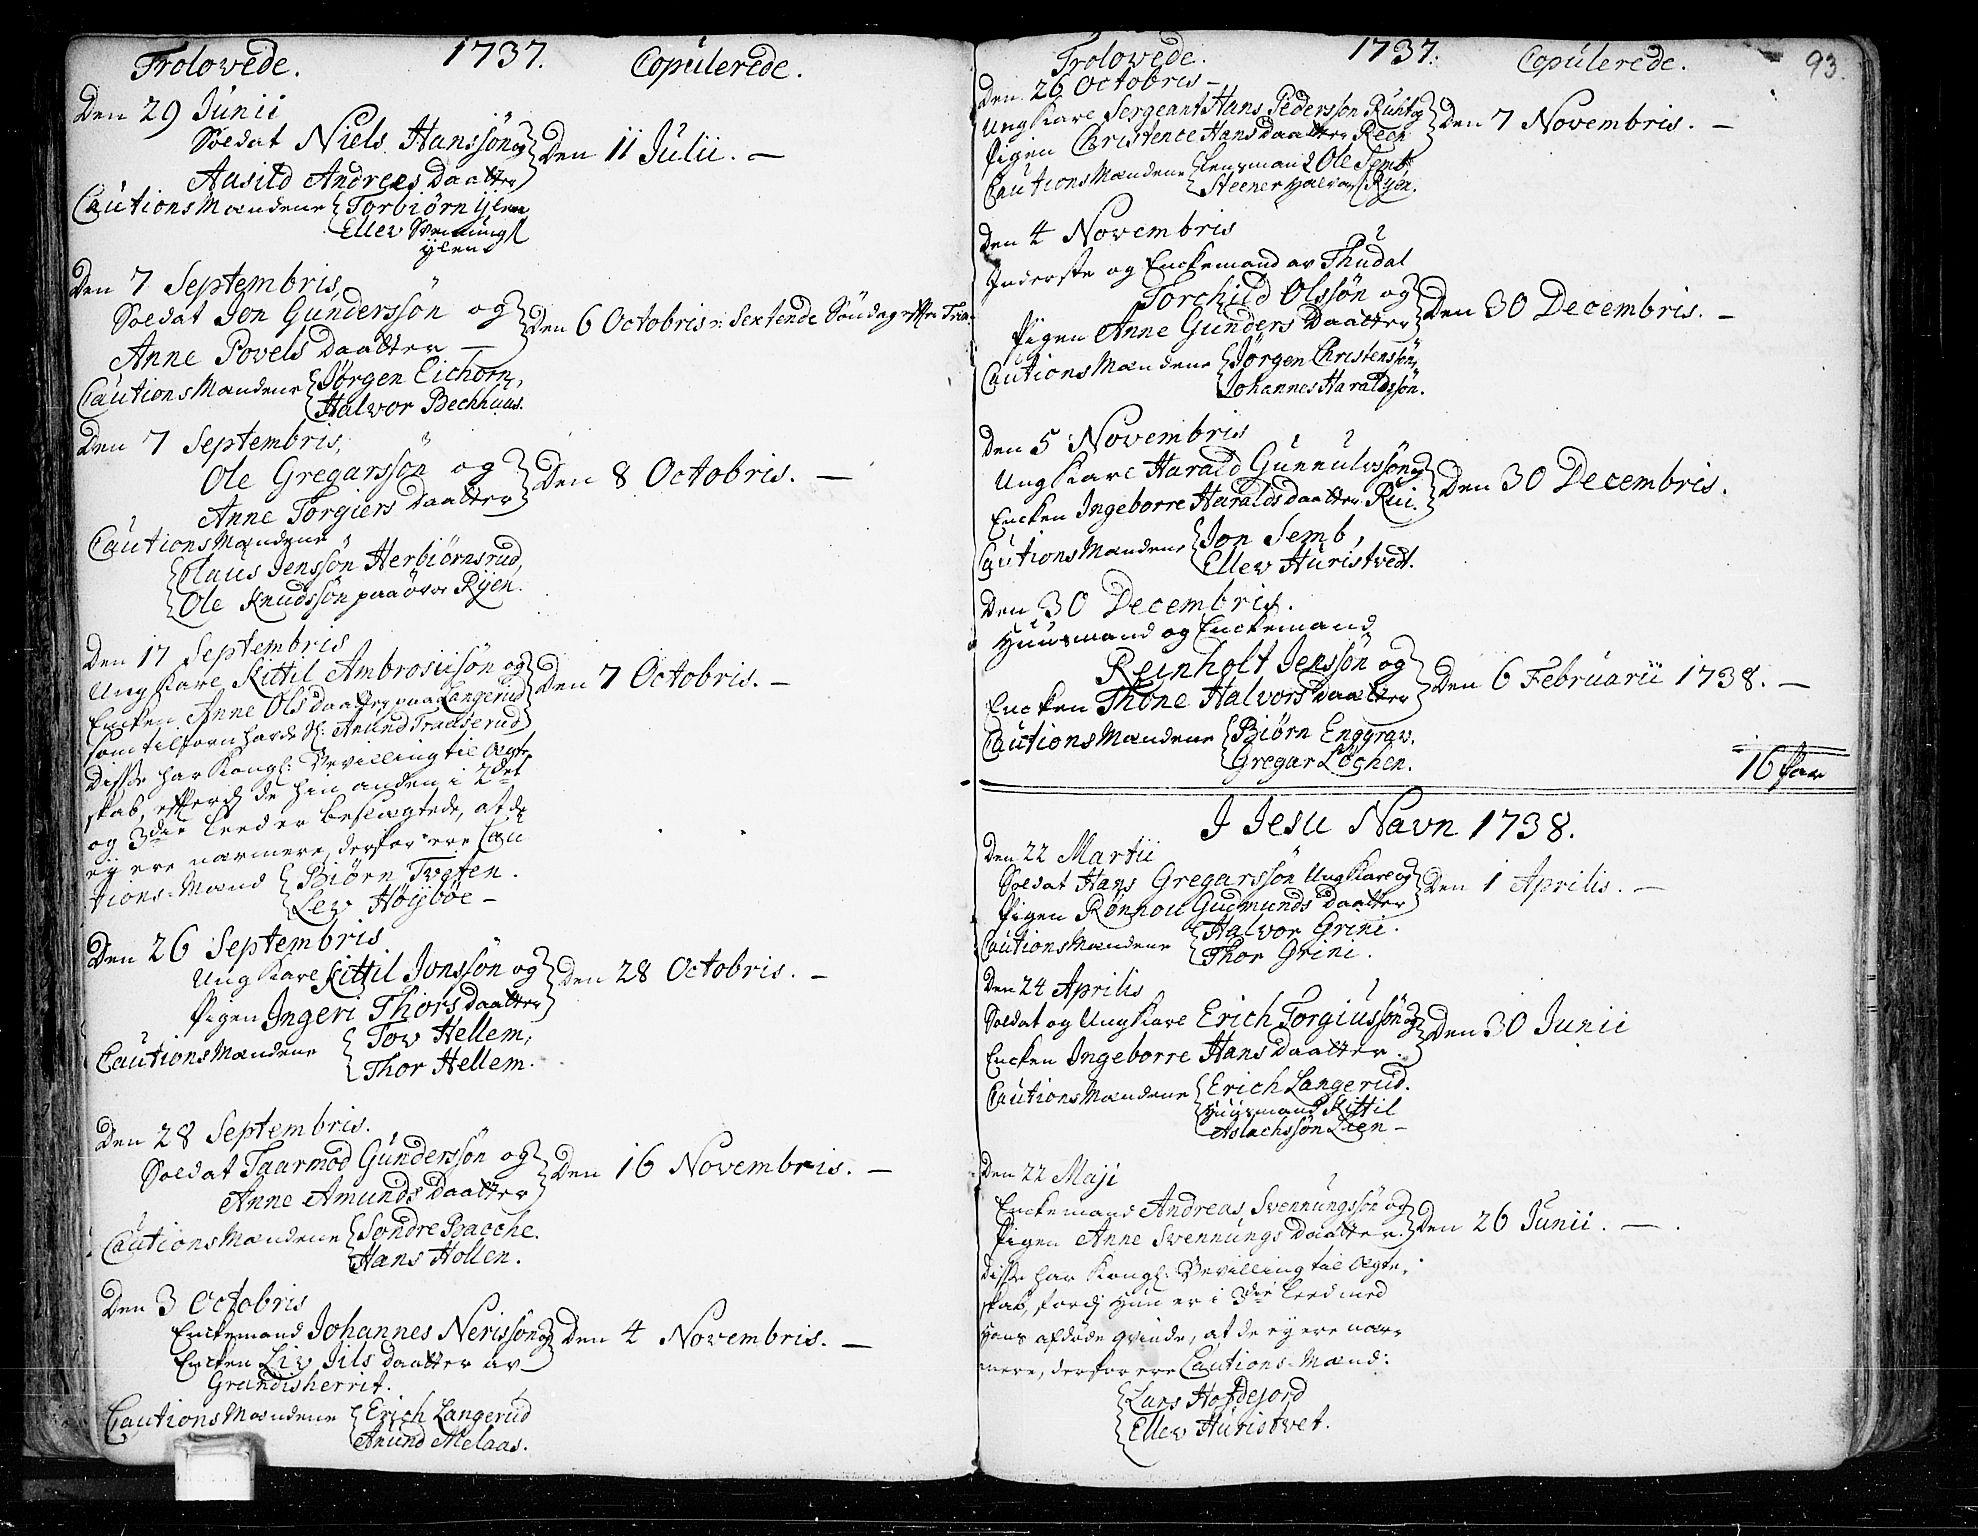 SAKO, Heddal kirkebøker, F/Fa/L0003: Ministerialbok nr. I 3, 1723-1783, s. 93